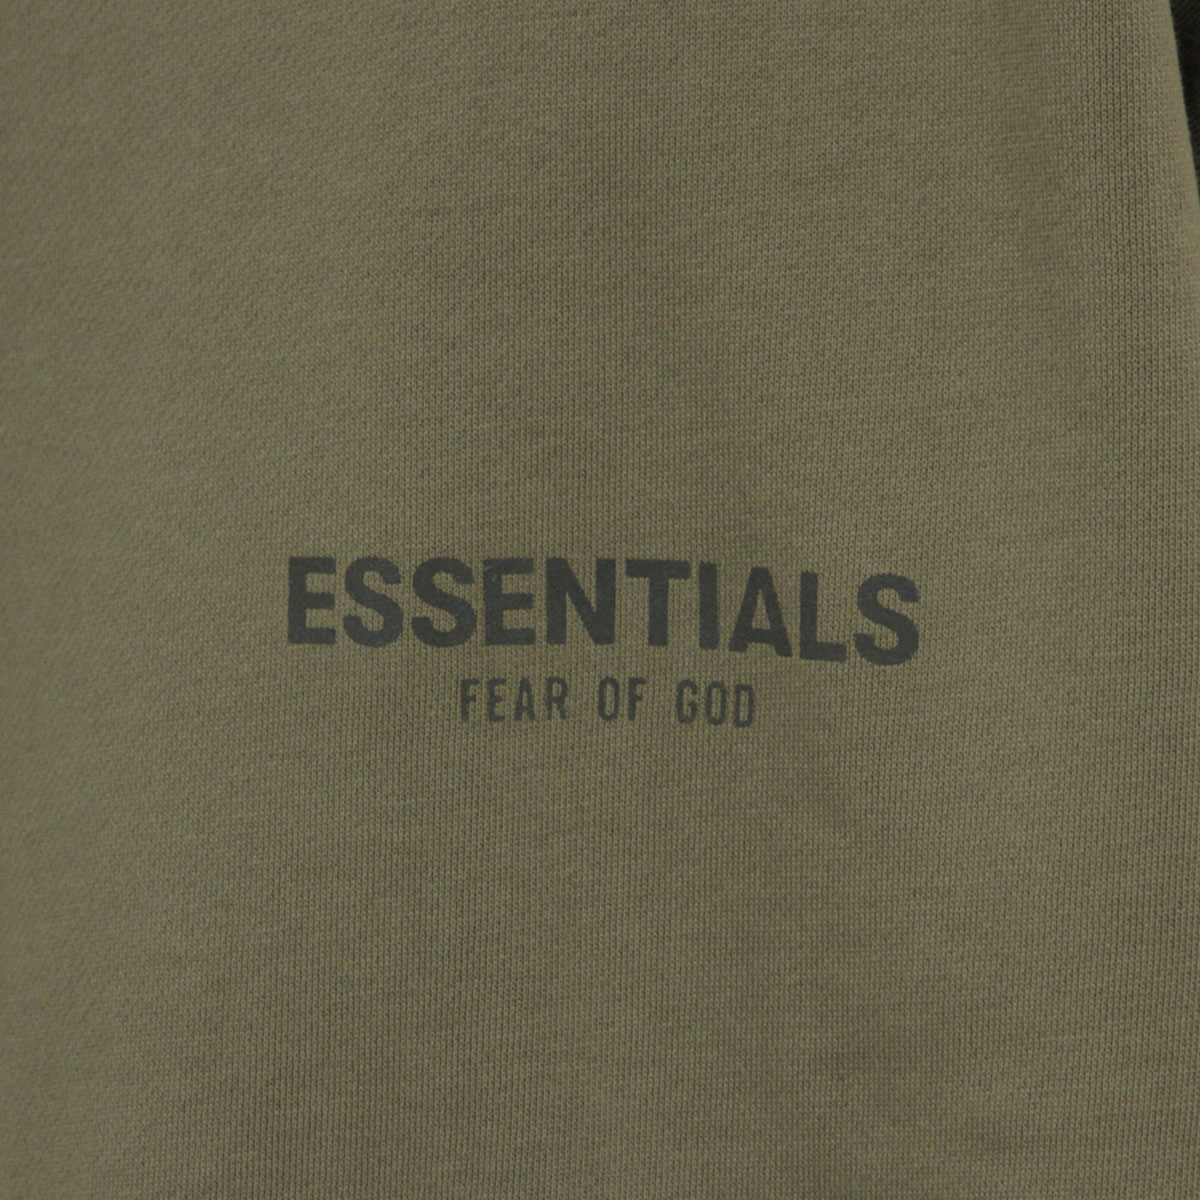 フィアオブゴッド スウェット メンズ 正規品 FEAR OF GOD エッセンシャルズ トレーナー ロゴ モックネック FOG - FEAR OF GOD ESSENTIALS MOCK NECK SWEAT CHARCOAL AA5B B1C C1D D5E E02F